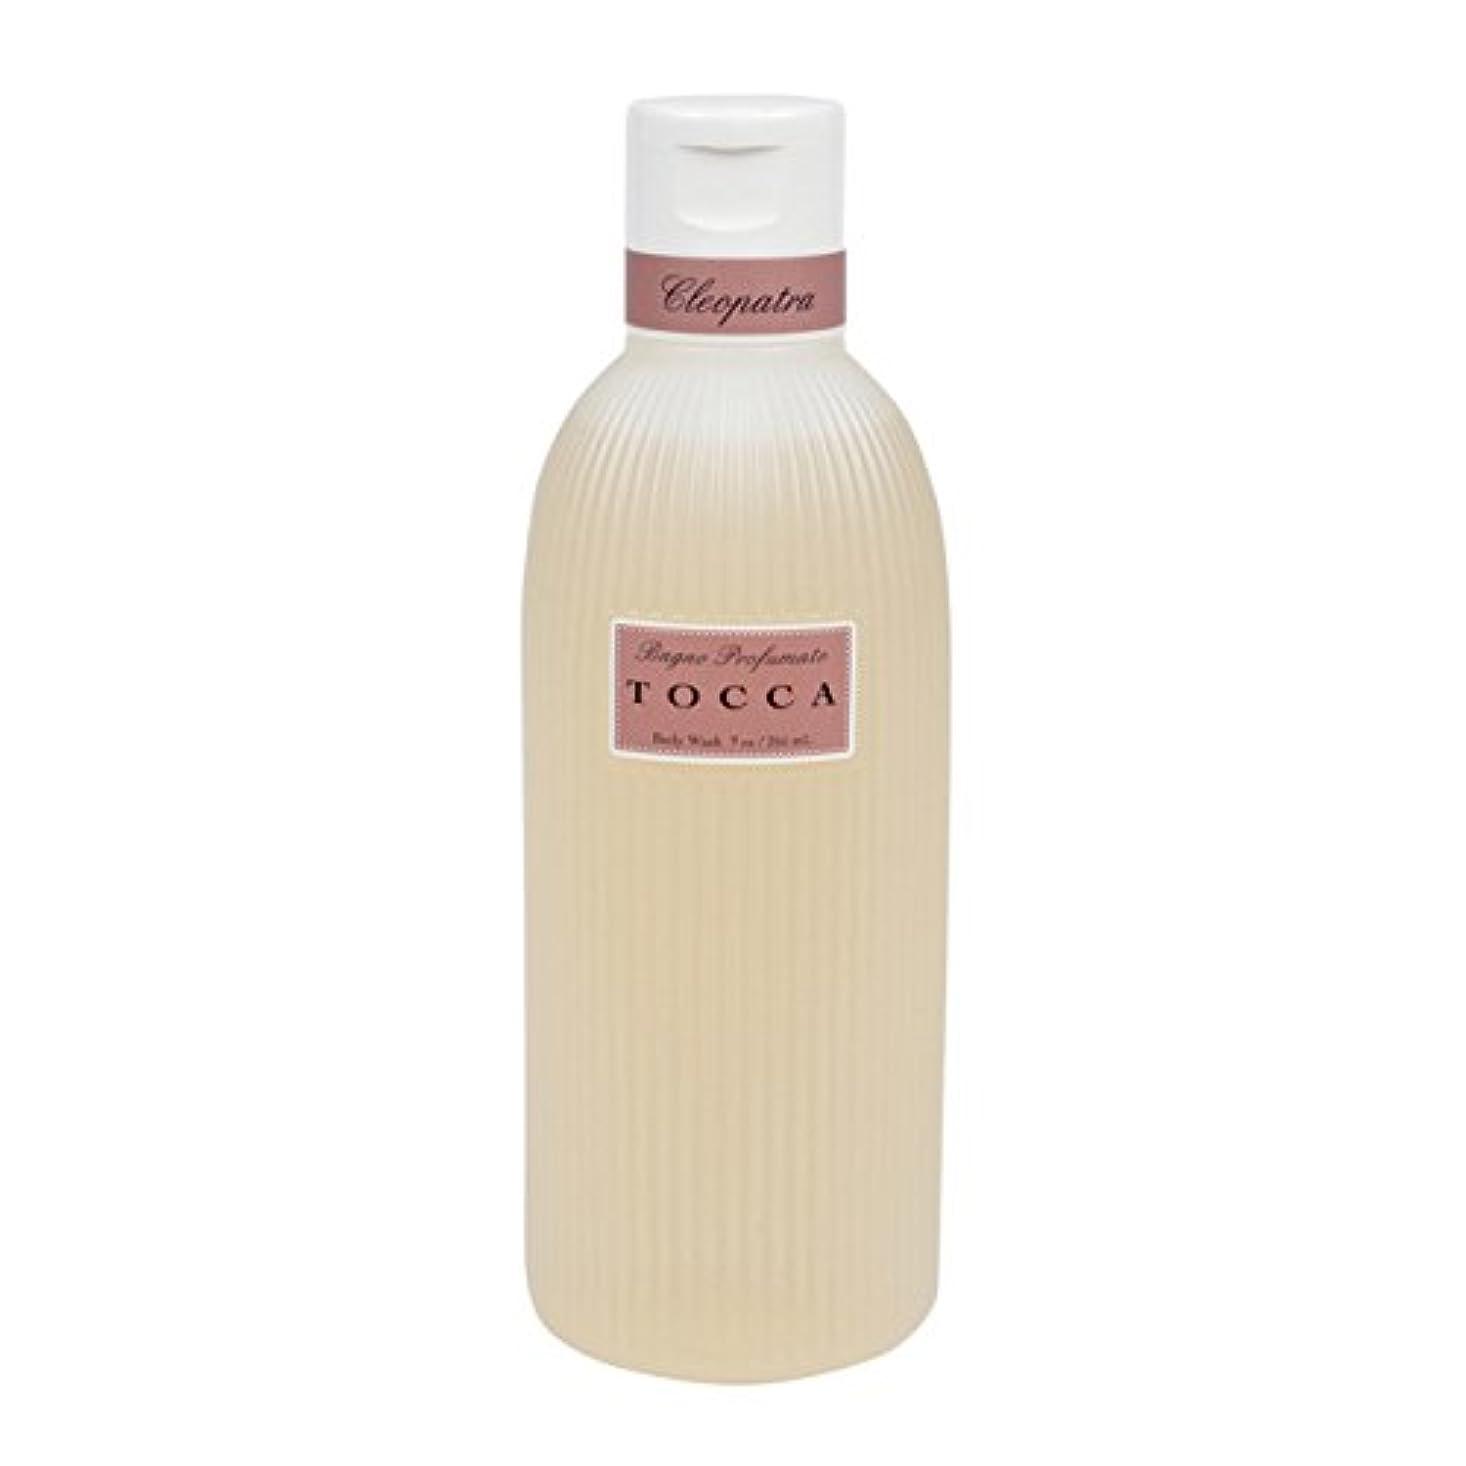 つぶやきレタスフラグラントトッカ(TOCCA) ボディーケアウォッシュ クレオパトラの香り 266ml(全身用洗浄料 ボディーソープ グレープフルーツとキューカンバーのフレッシュでクリーンな香り)